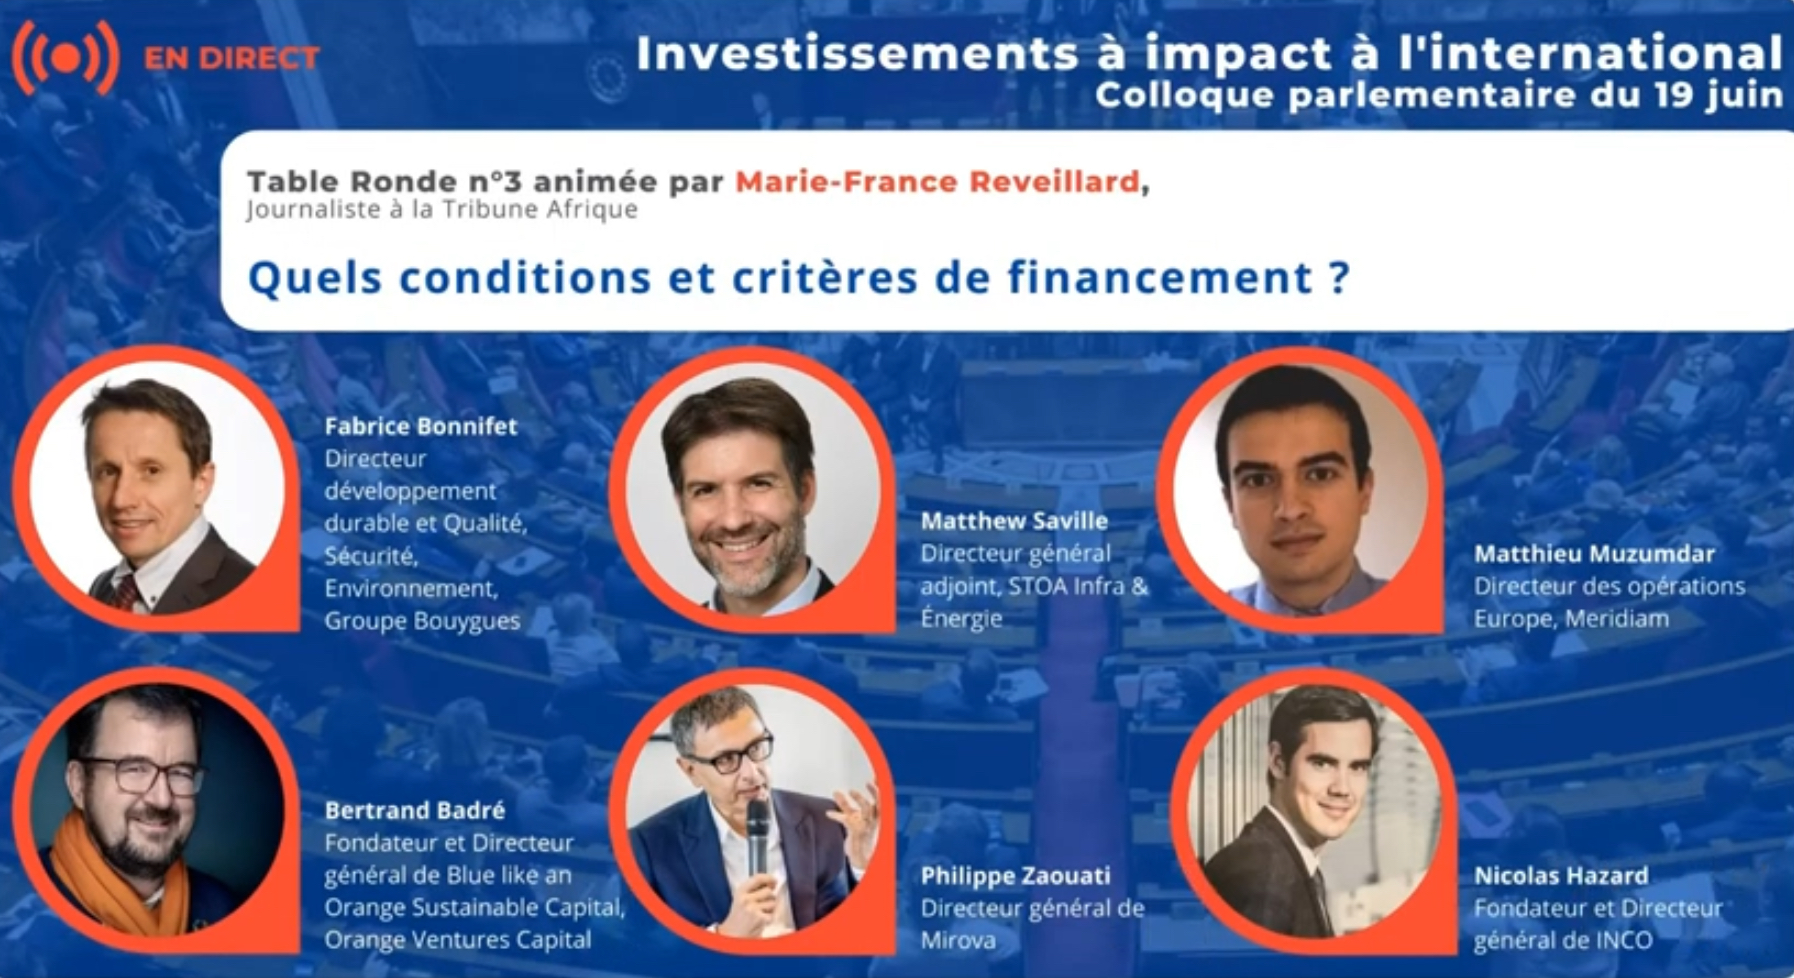 Volet 3 du Colloque sur les investissements inclusifs et à impacts à l'international